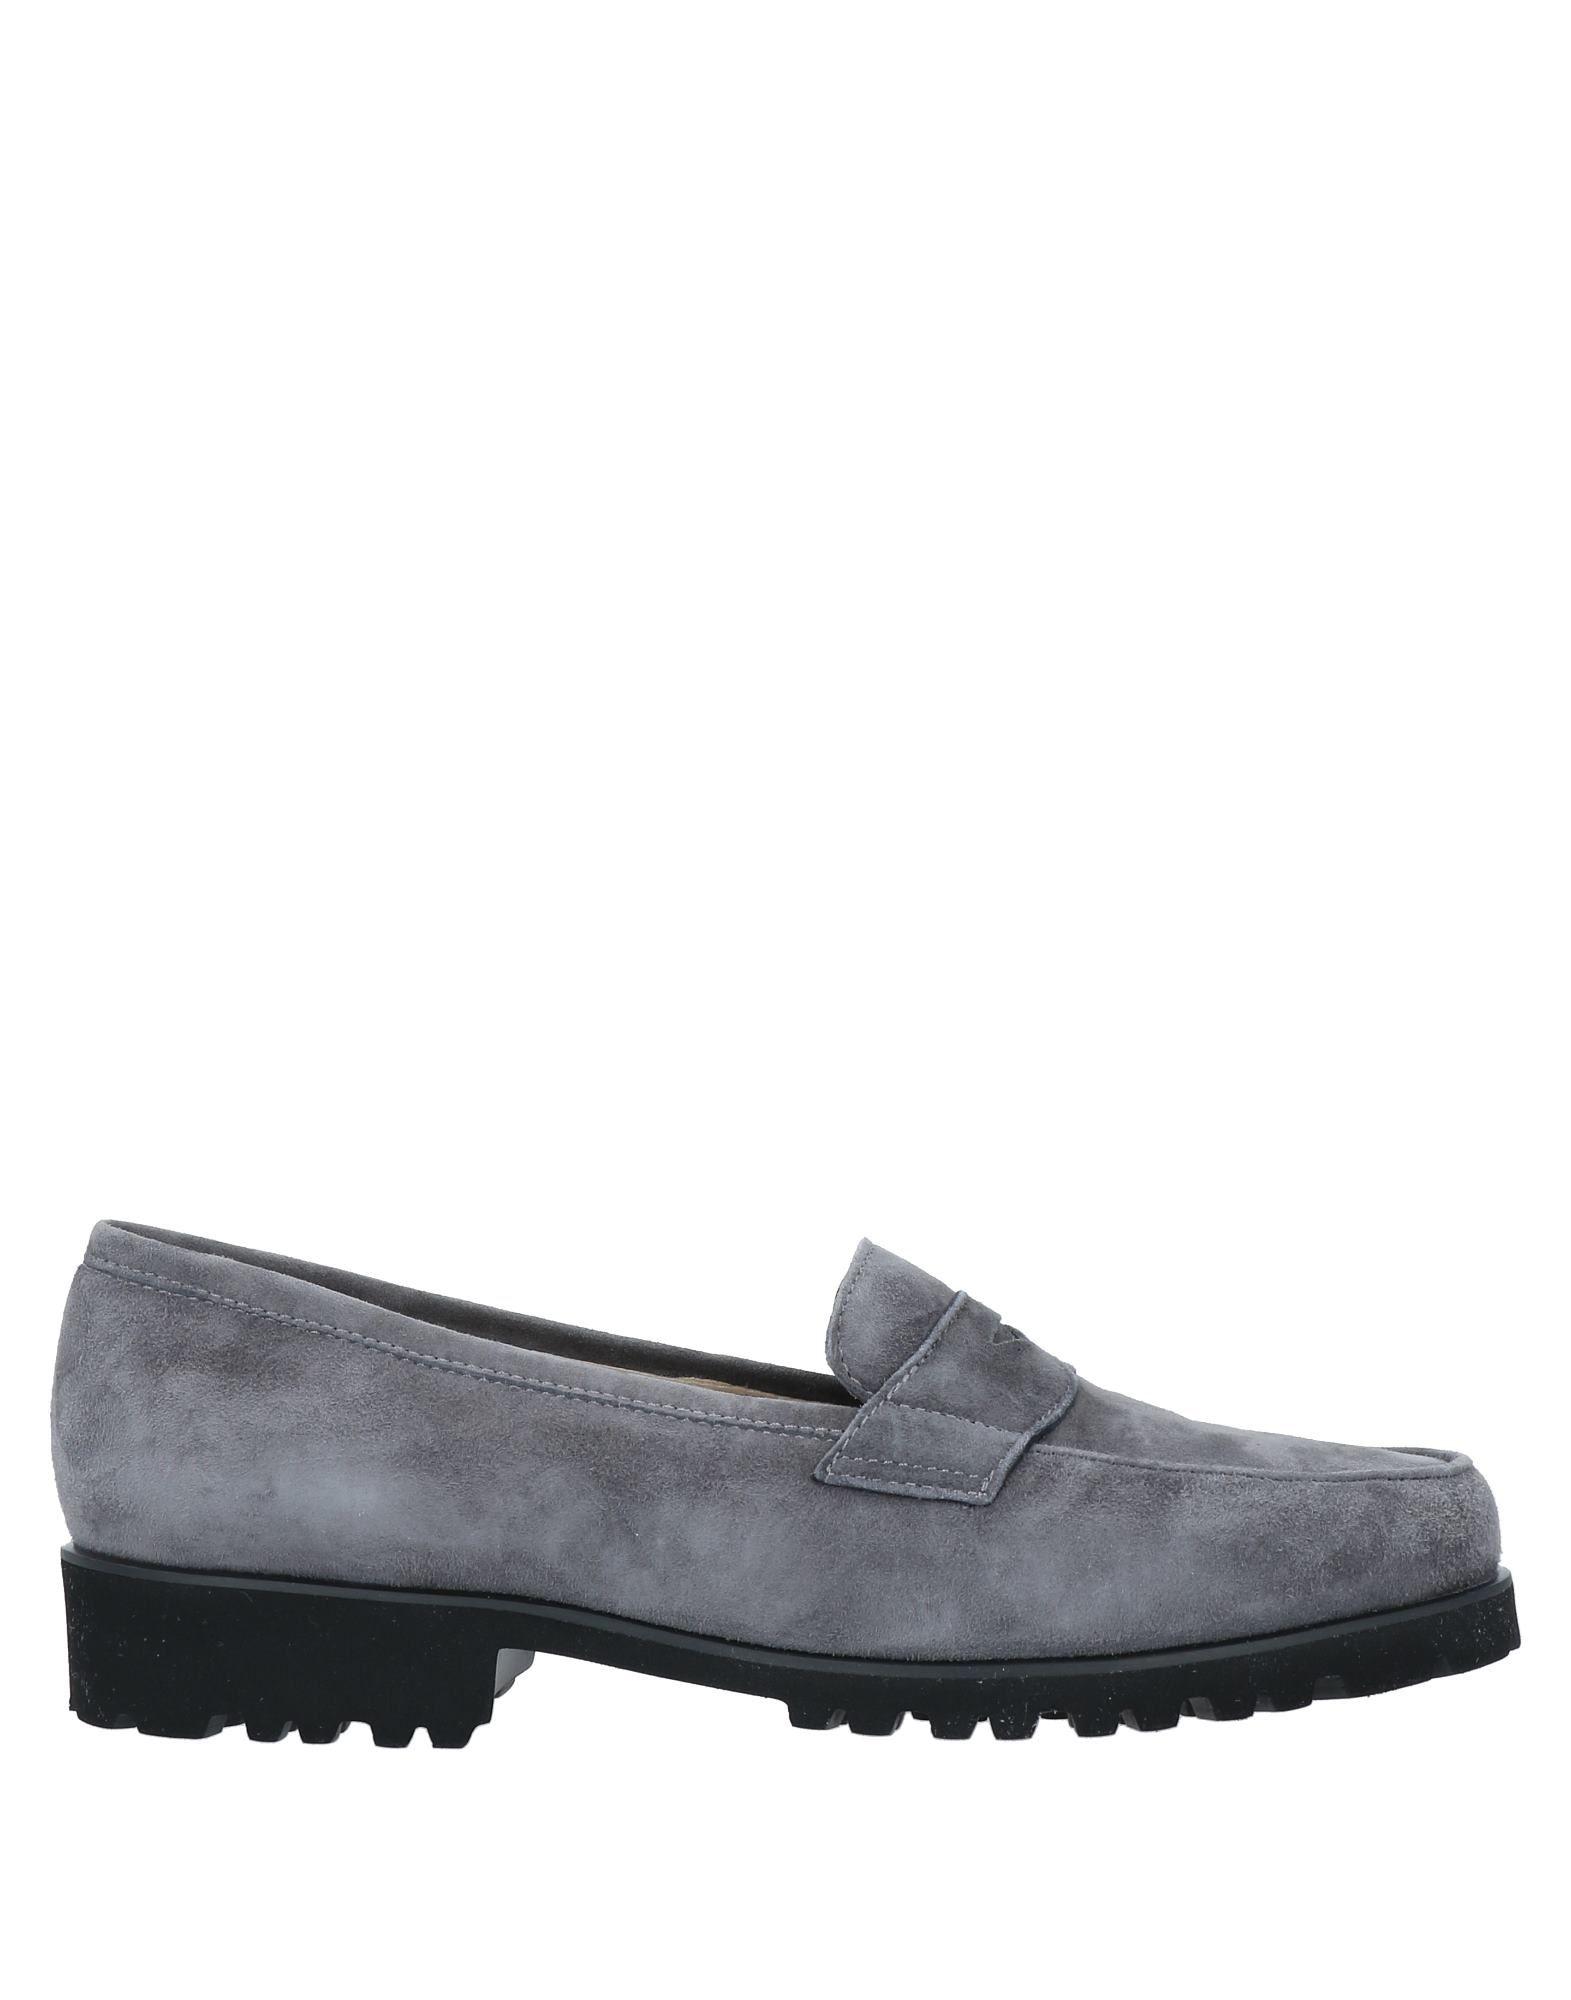 Konstantin Starke Loafers In Grey